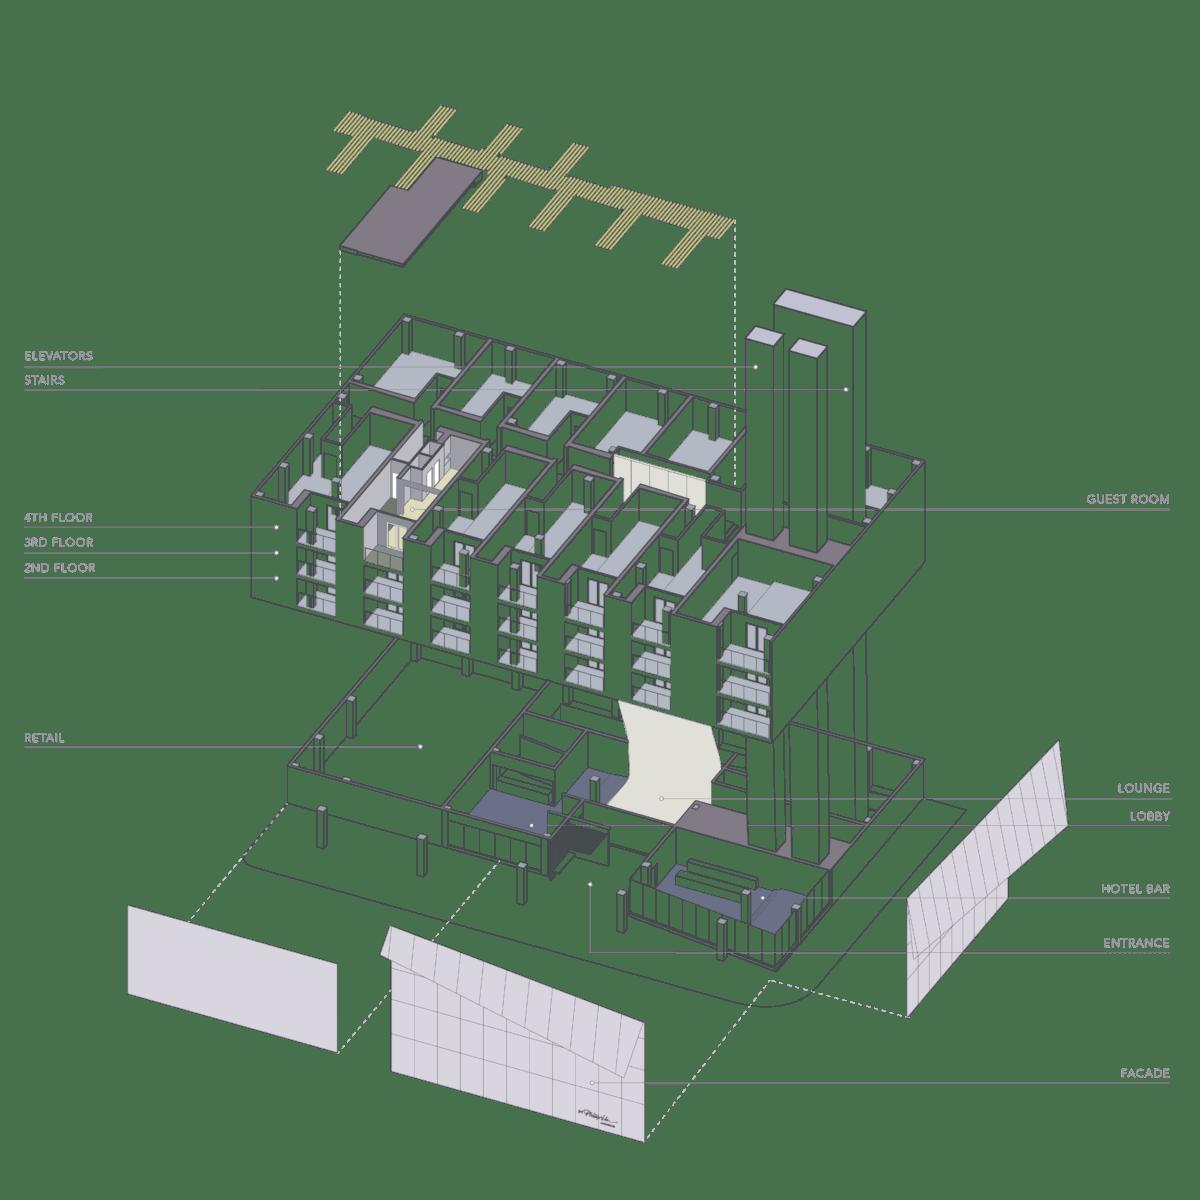 exploded axon diagram 96 jeep grand cherokee trailer wiring peach leelachart dl03  env accd